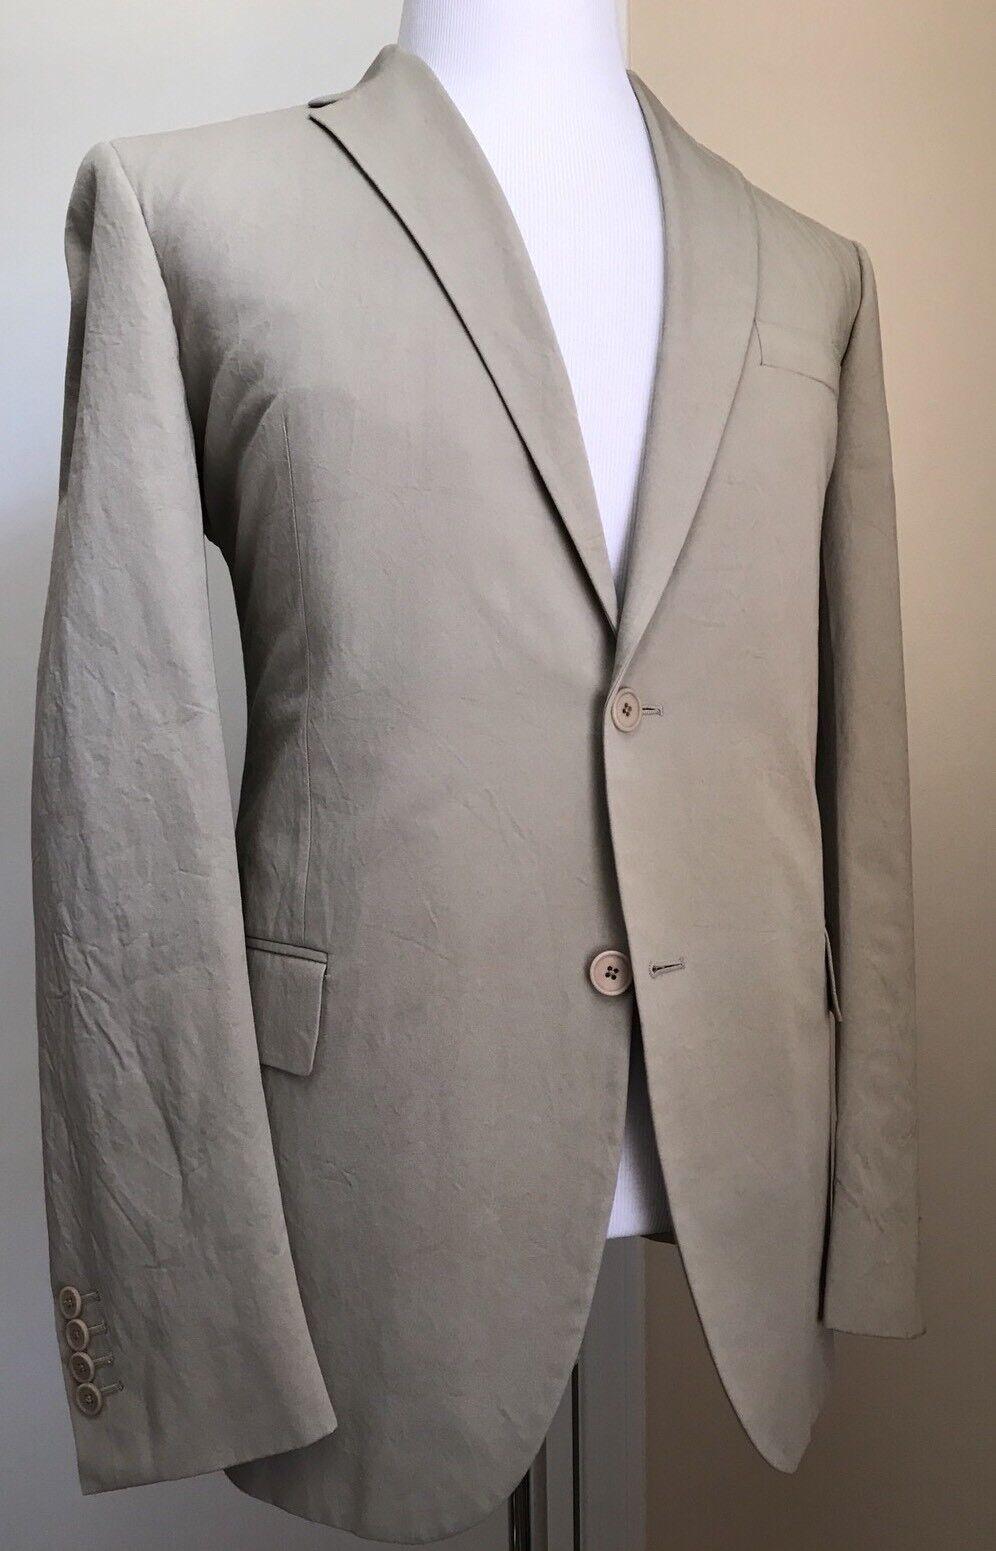 New 2580 Botega Venetta  Herren Summer Suit Ivory 44 US ( 54 Eur)